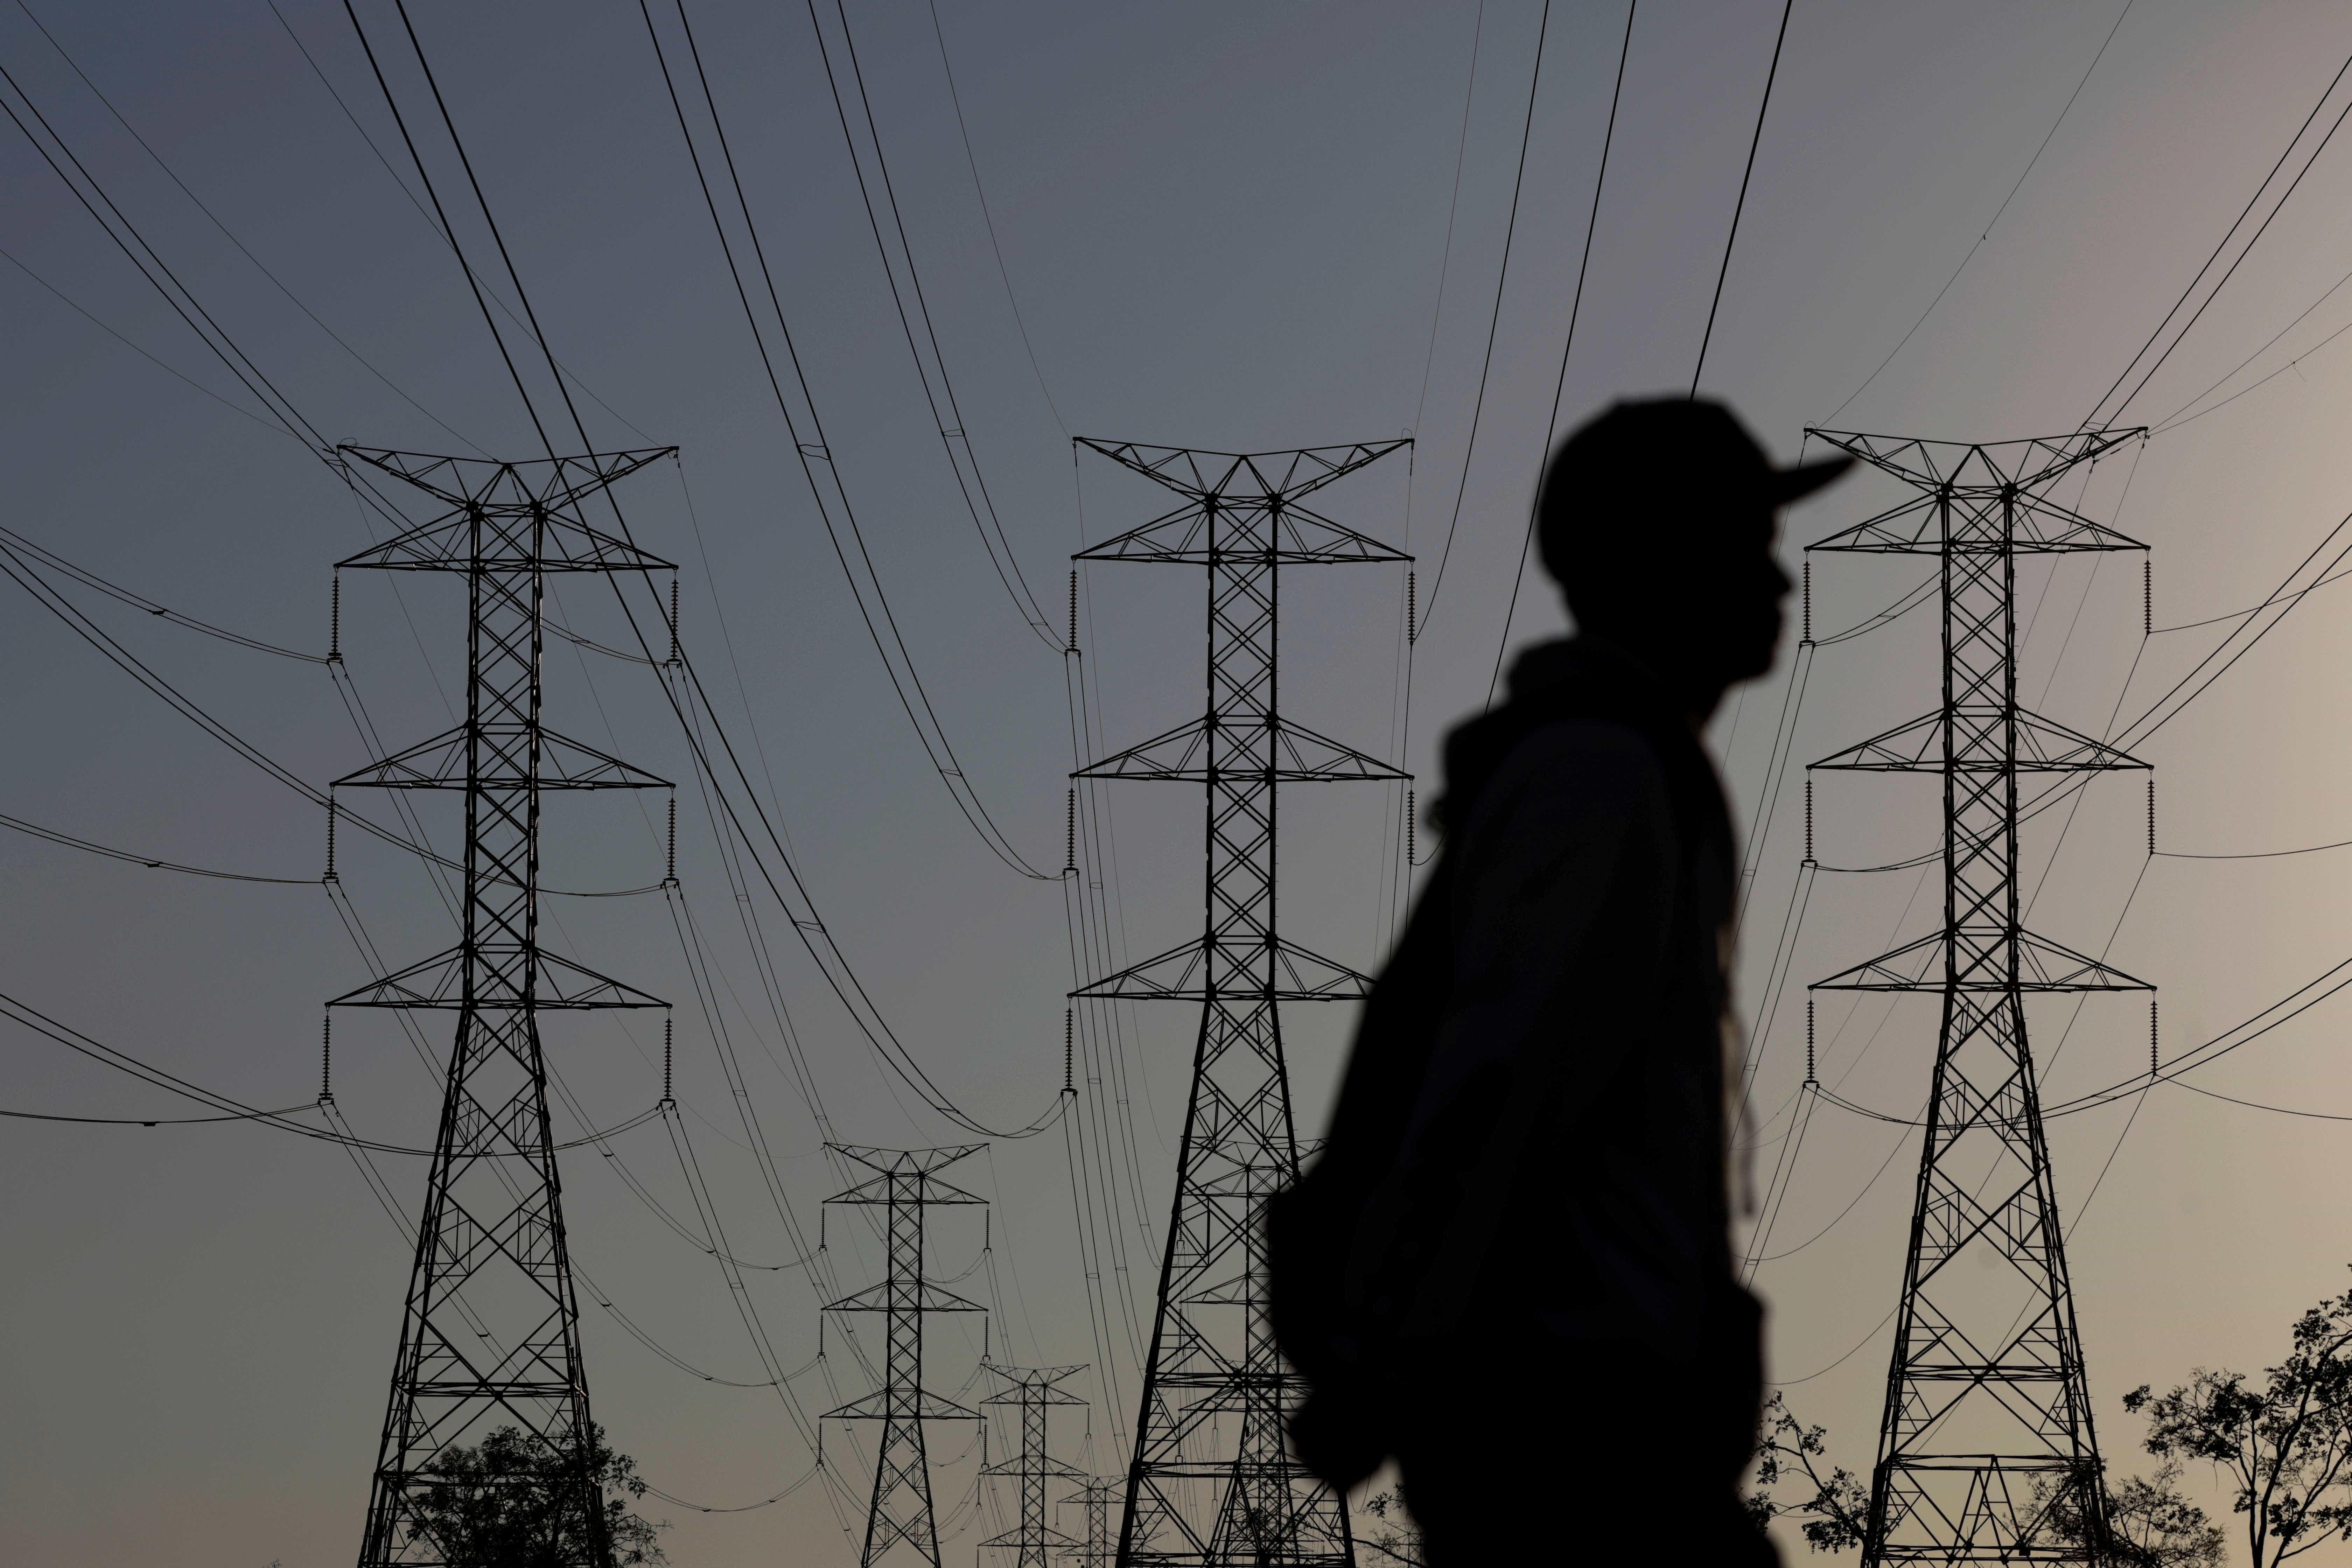 Governo prepara análise pública de leilão que pode elevar conta de luz